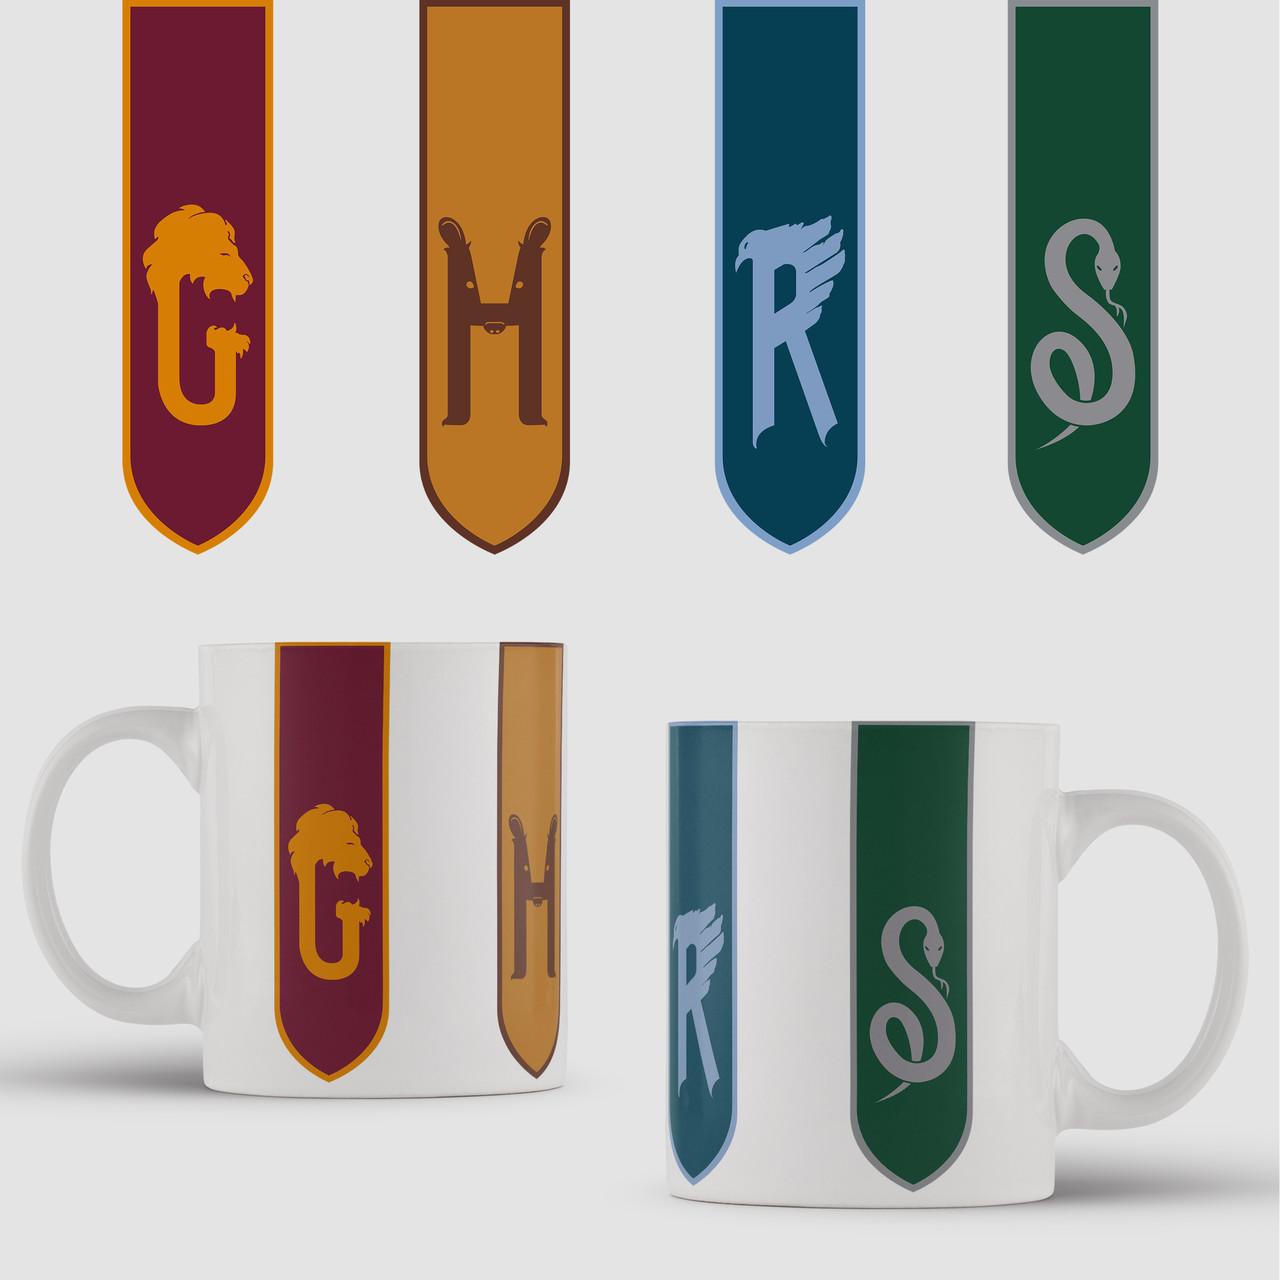 Кружка с принтом Гарри Поттер флаги. арт. Harry Potter art. Чашка с фото